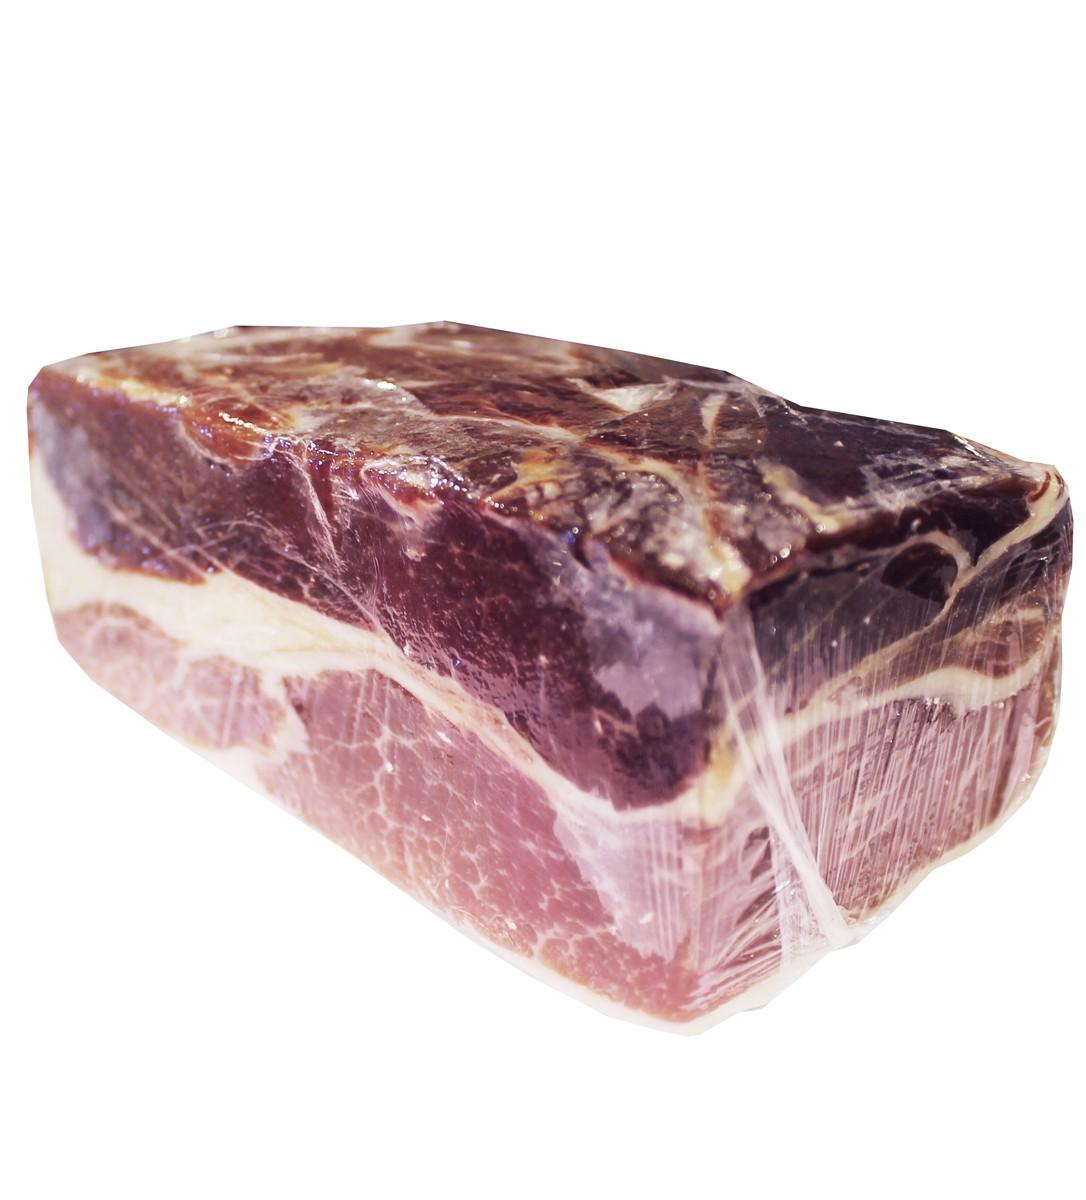 Хамон Jamon Iberico 24 мес. (без кости, очищенный) фото